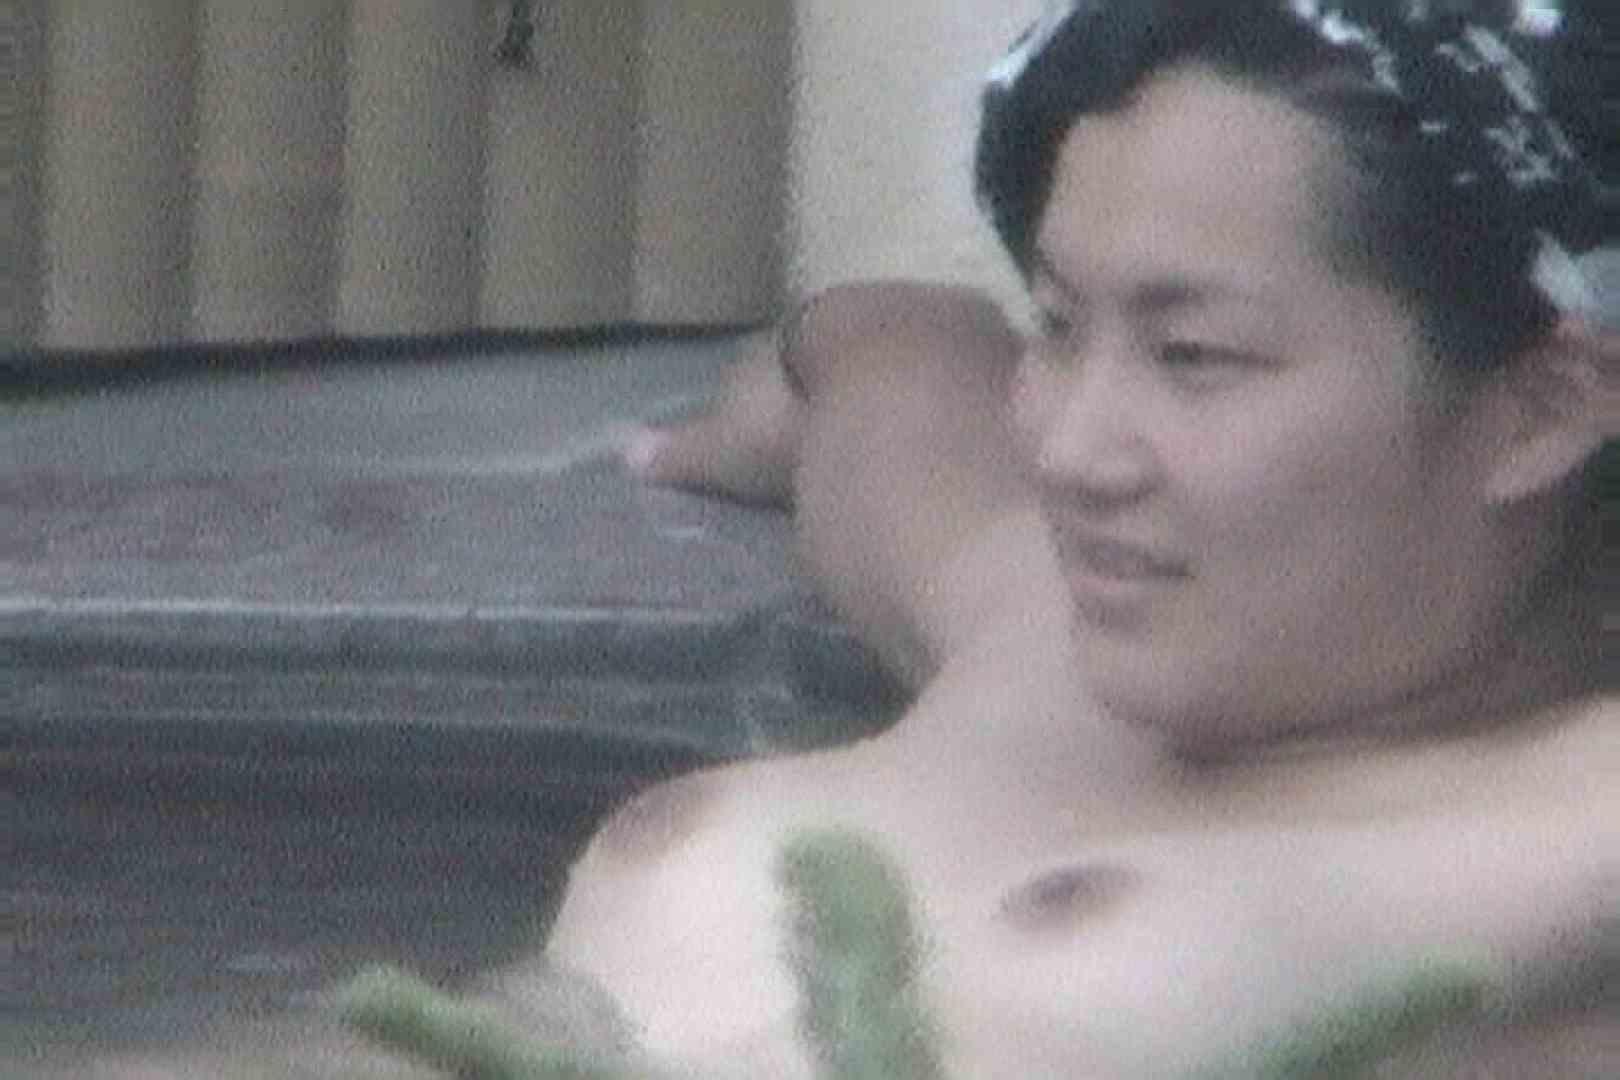 Aquaな露天風呂Vol.103 美しいOLの裸体 | 盗撮師作品  85pic 10